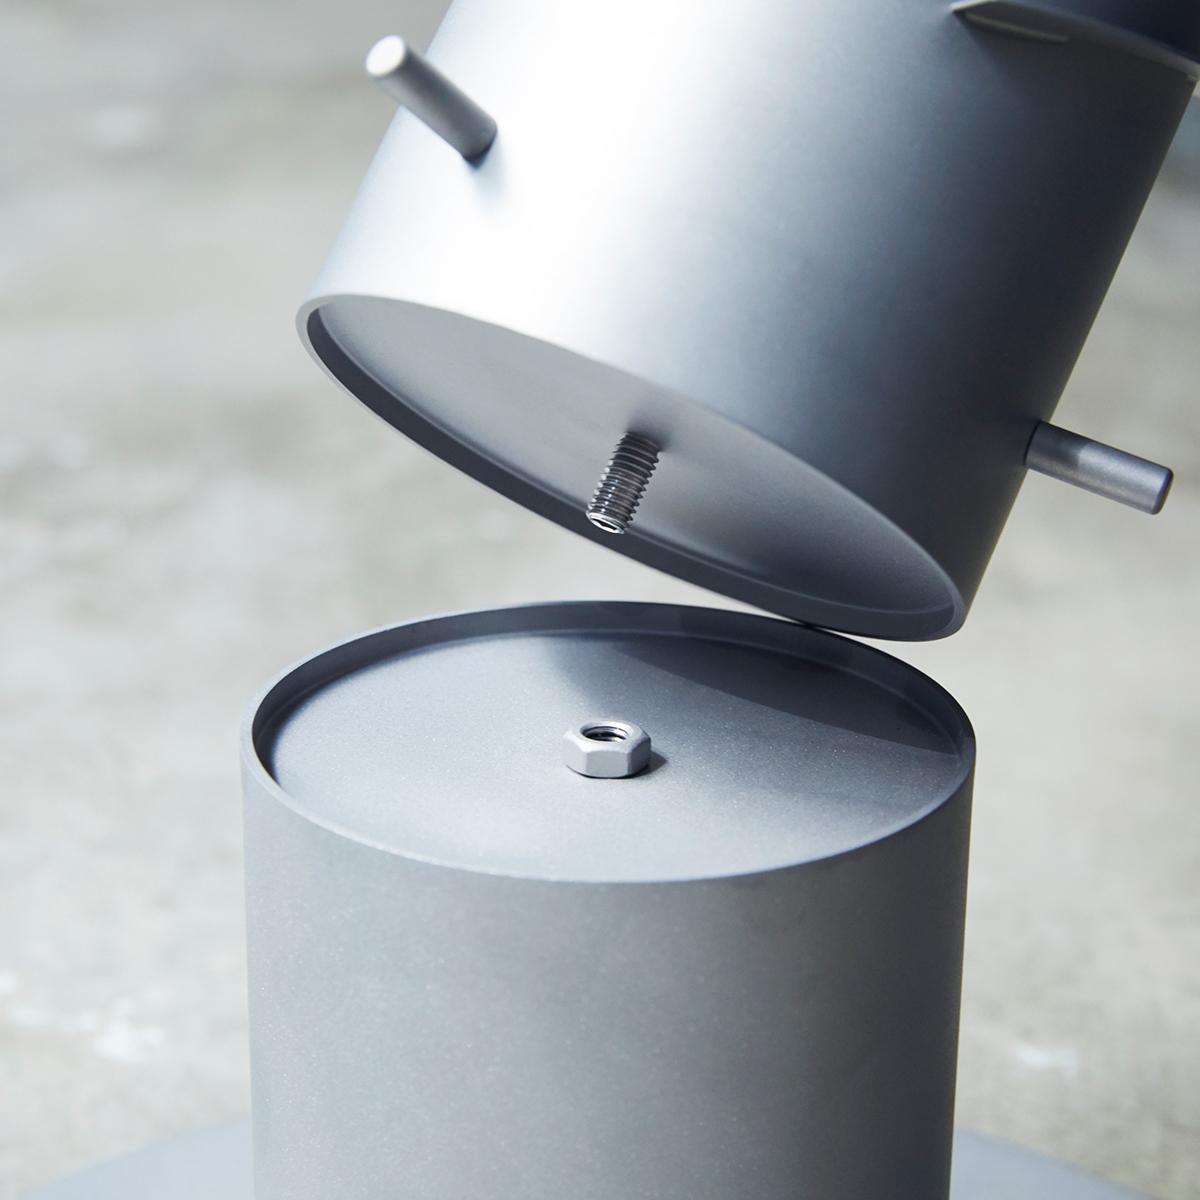 工具要らずで手軽なエレベーションを装着すれば、目線に近づくことで迫力もアップ。煙突効果で炎が廻りながら上昇!煙が出にくい安全燃料の「テーブルランタン&ガーデントーチ」|Hofats SPIN(ホーファッツ スピン)